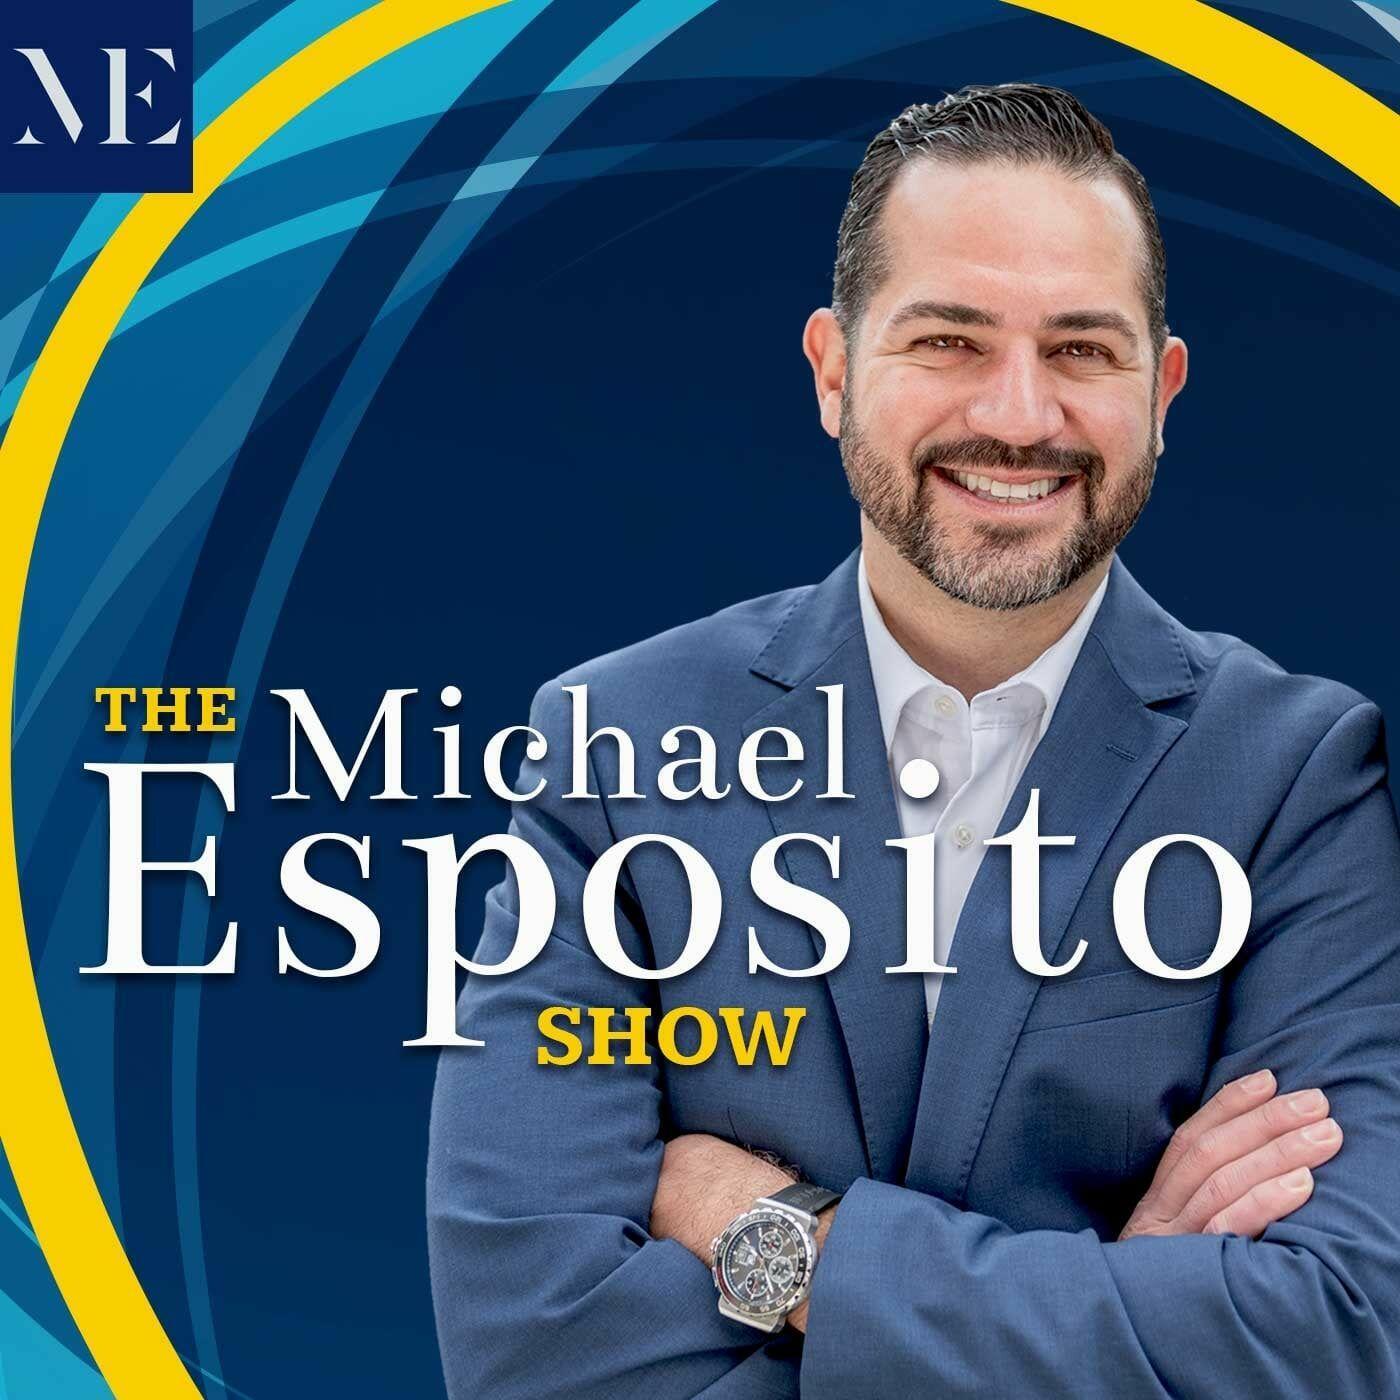 The Michael Esposito Show